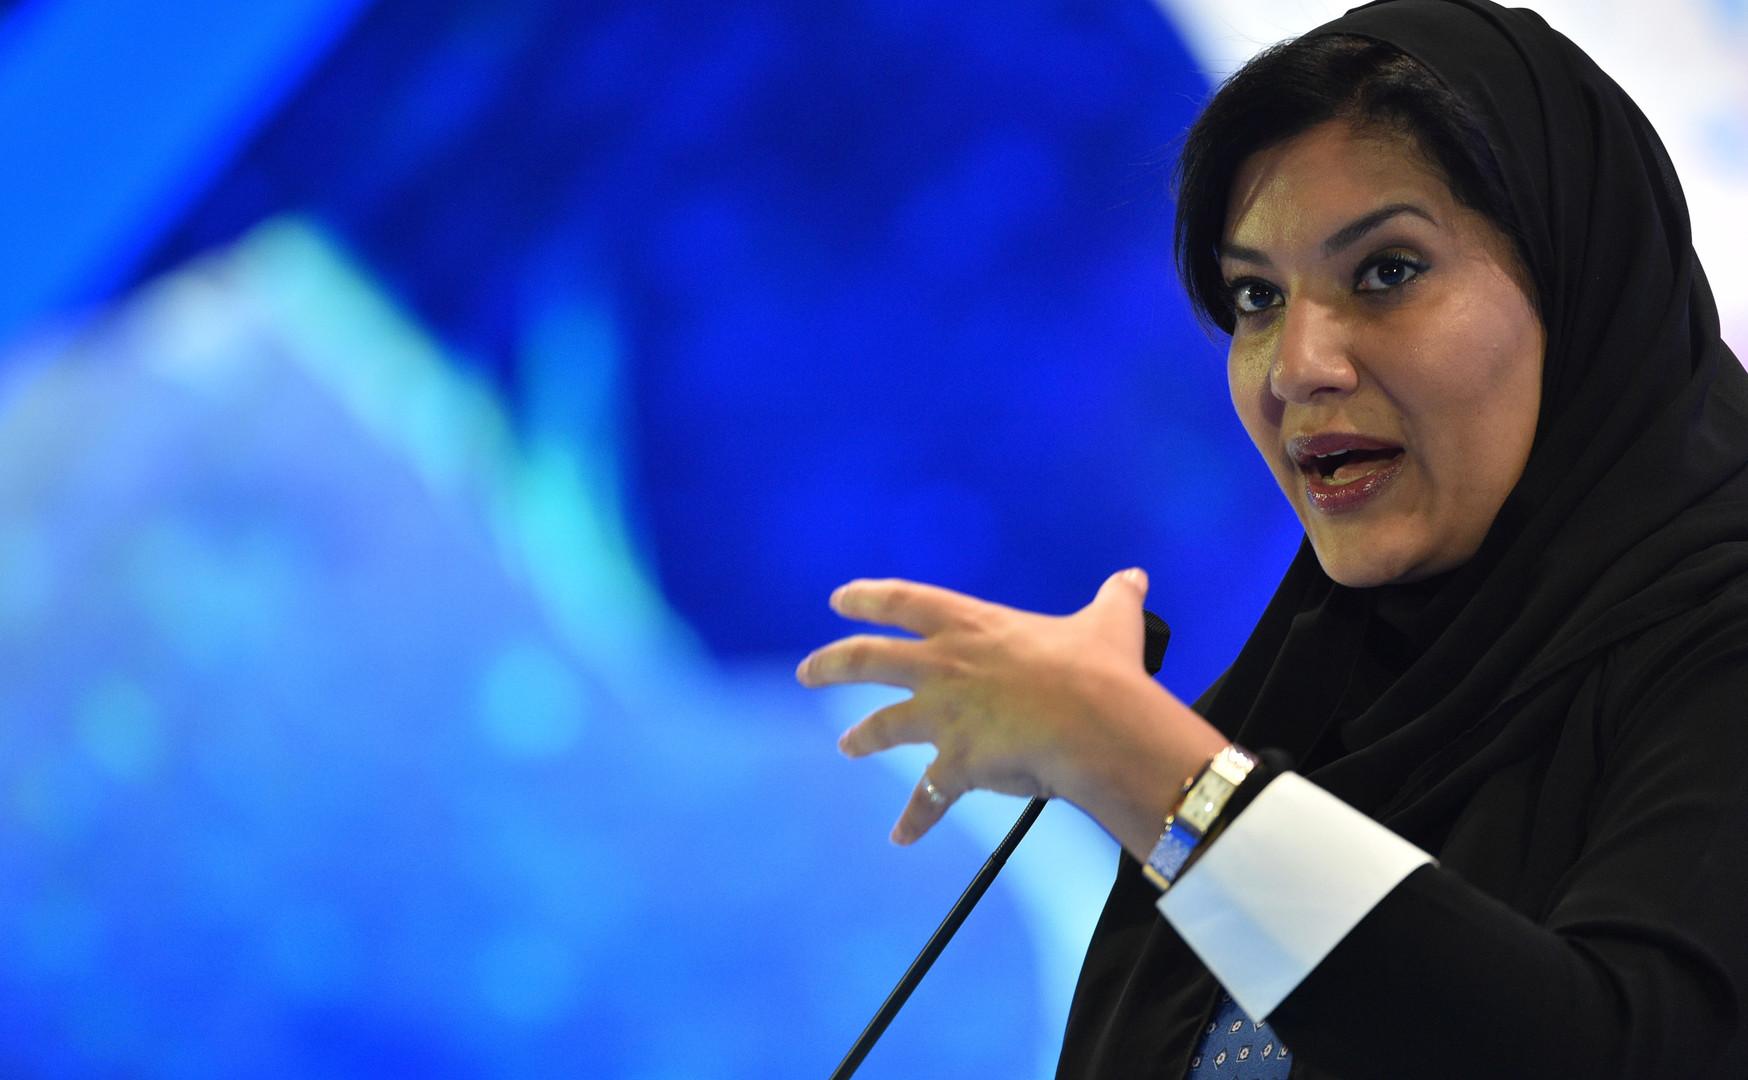 الأميرة ريما بنت بندر تباشر عملها سفيرة للسعودية في واشنطن وتغرد بالمناسبة